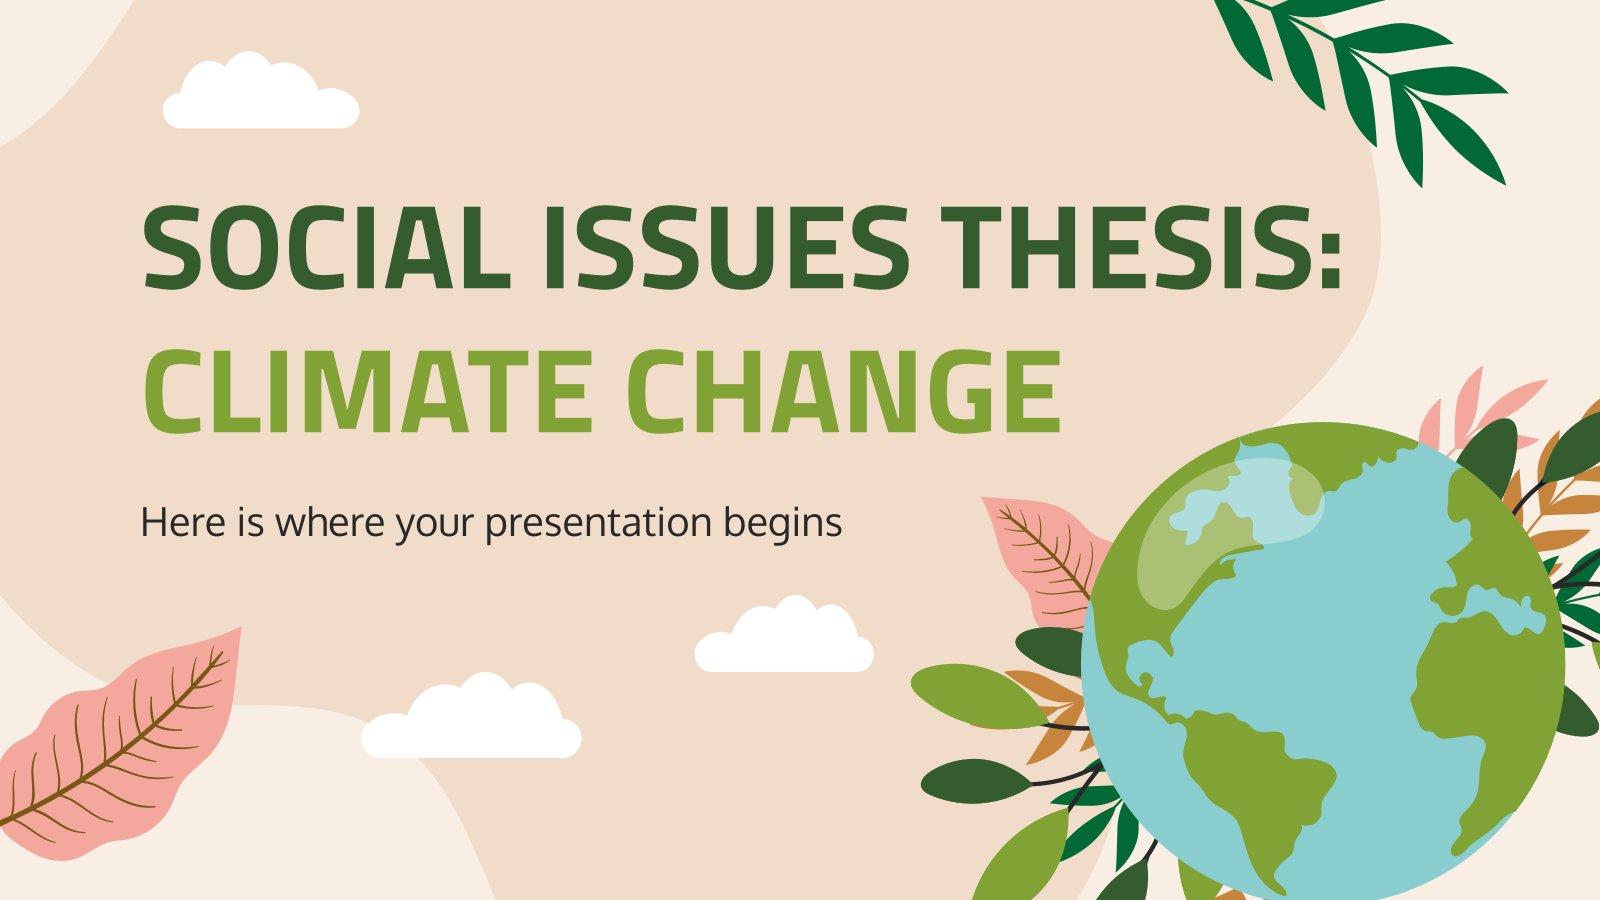 Plantilla de presentación Tesis sobre cuestiones sociales: Cambio climático